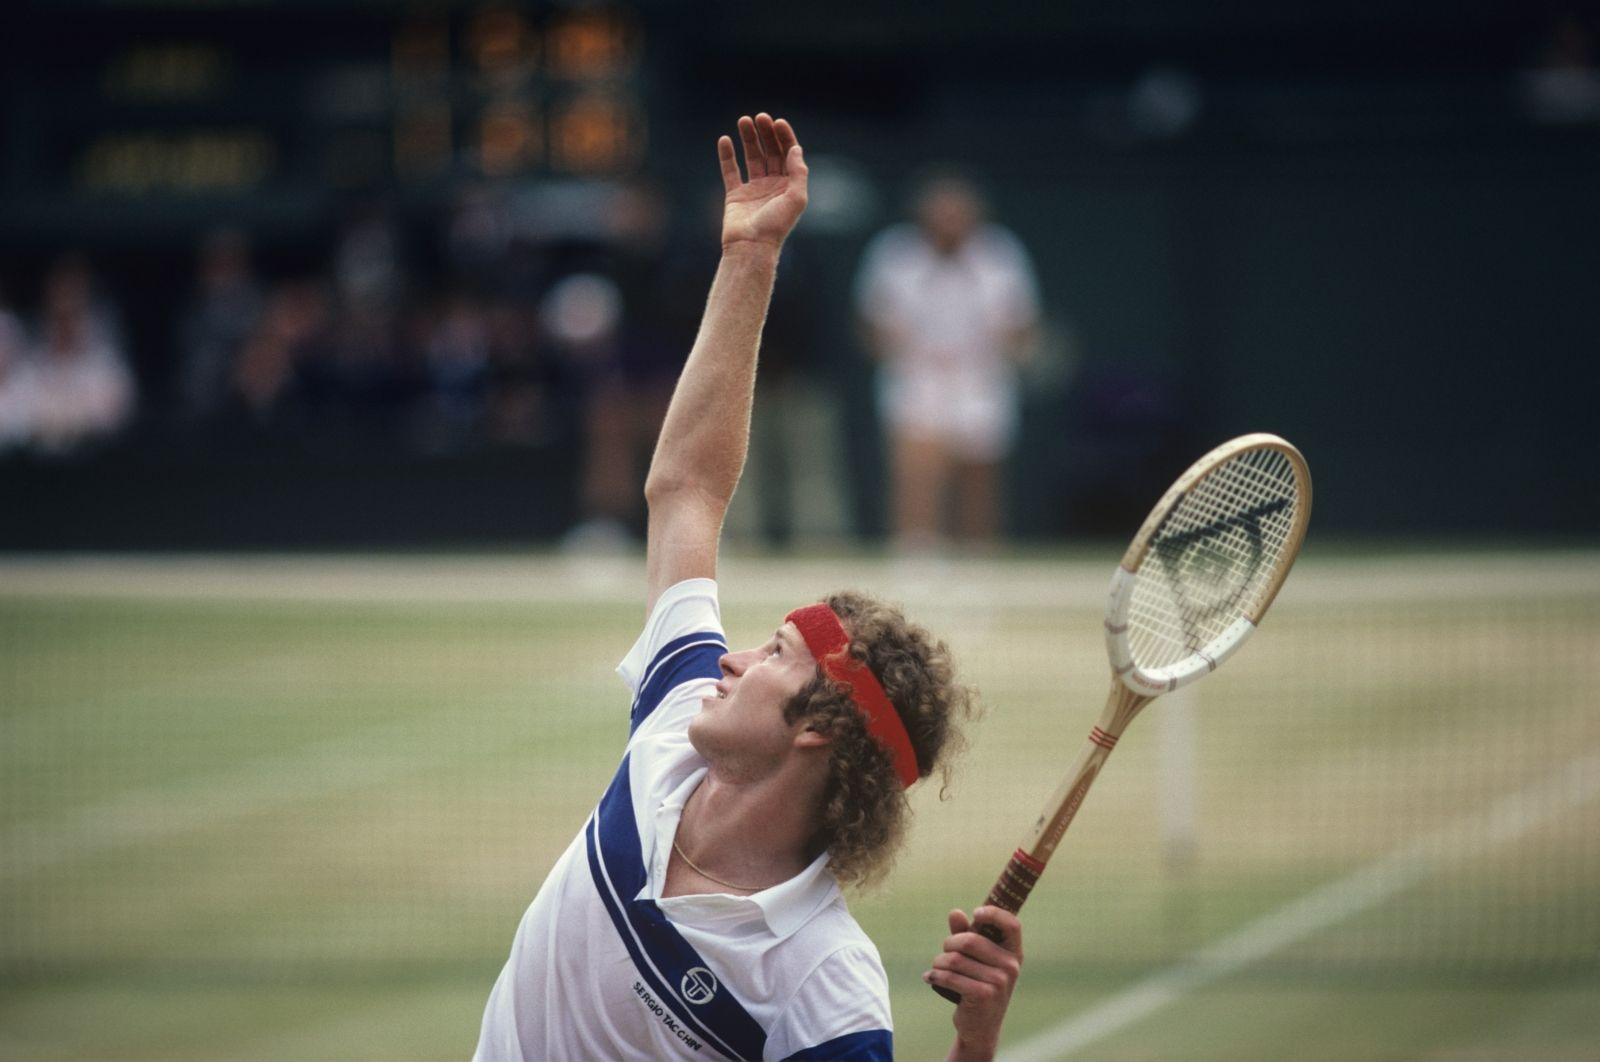 John McEnroe serves to Björn Borg